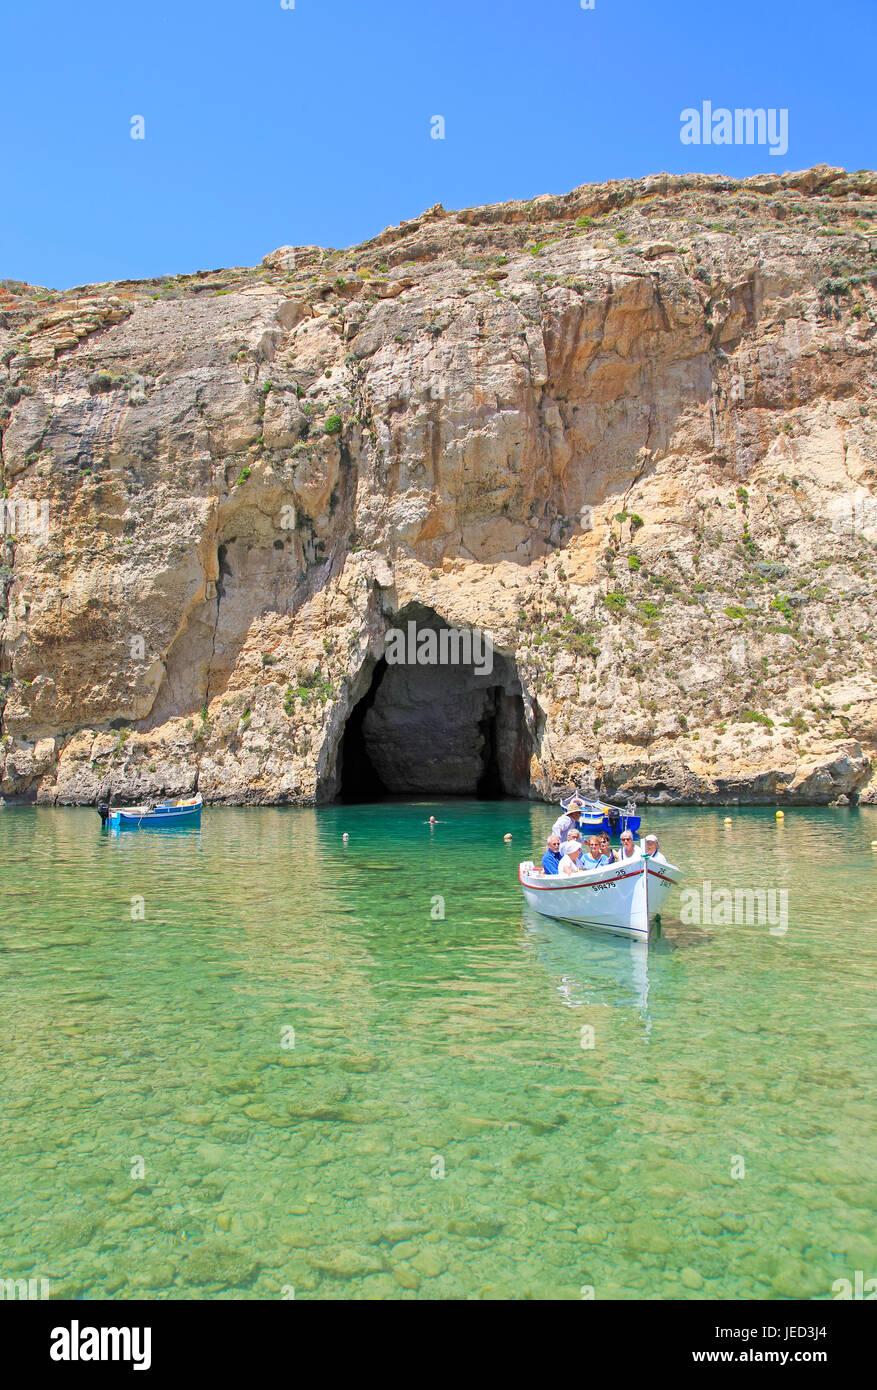 Gita in barca al mare interno di attrazione turistica, Dwerja Bay, isola di Gozo, Malta Immagini Stock